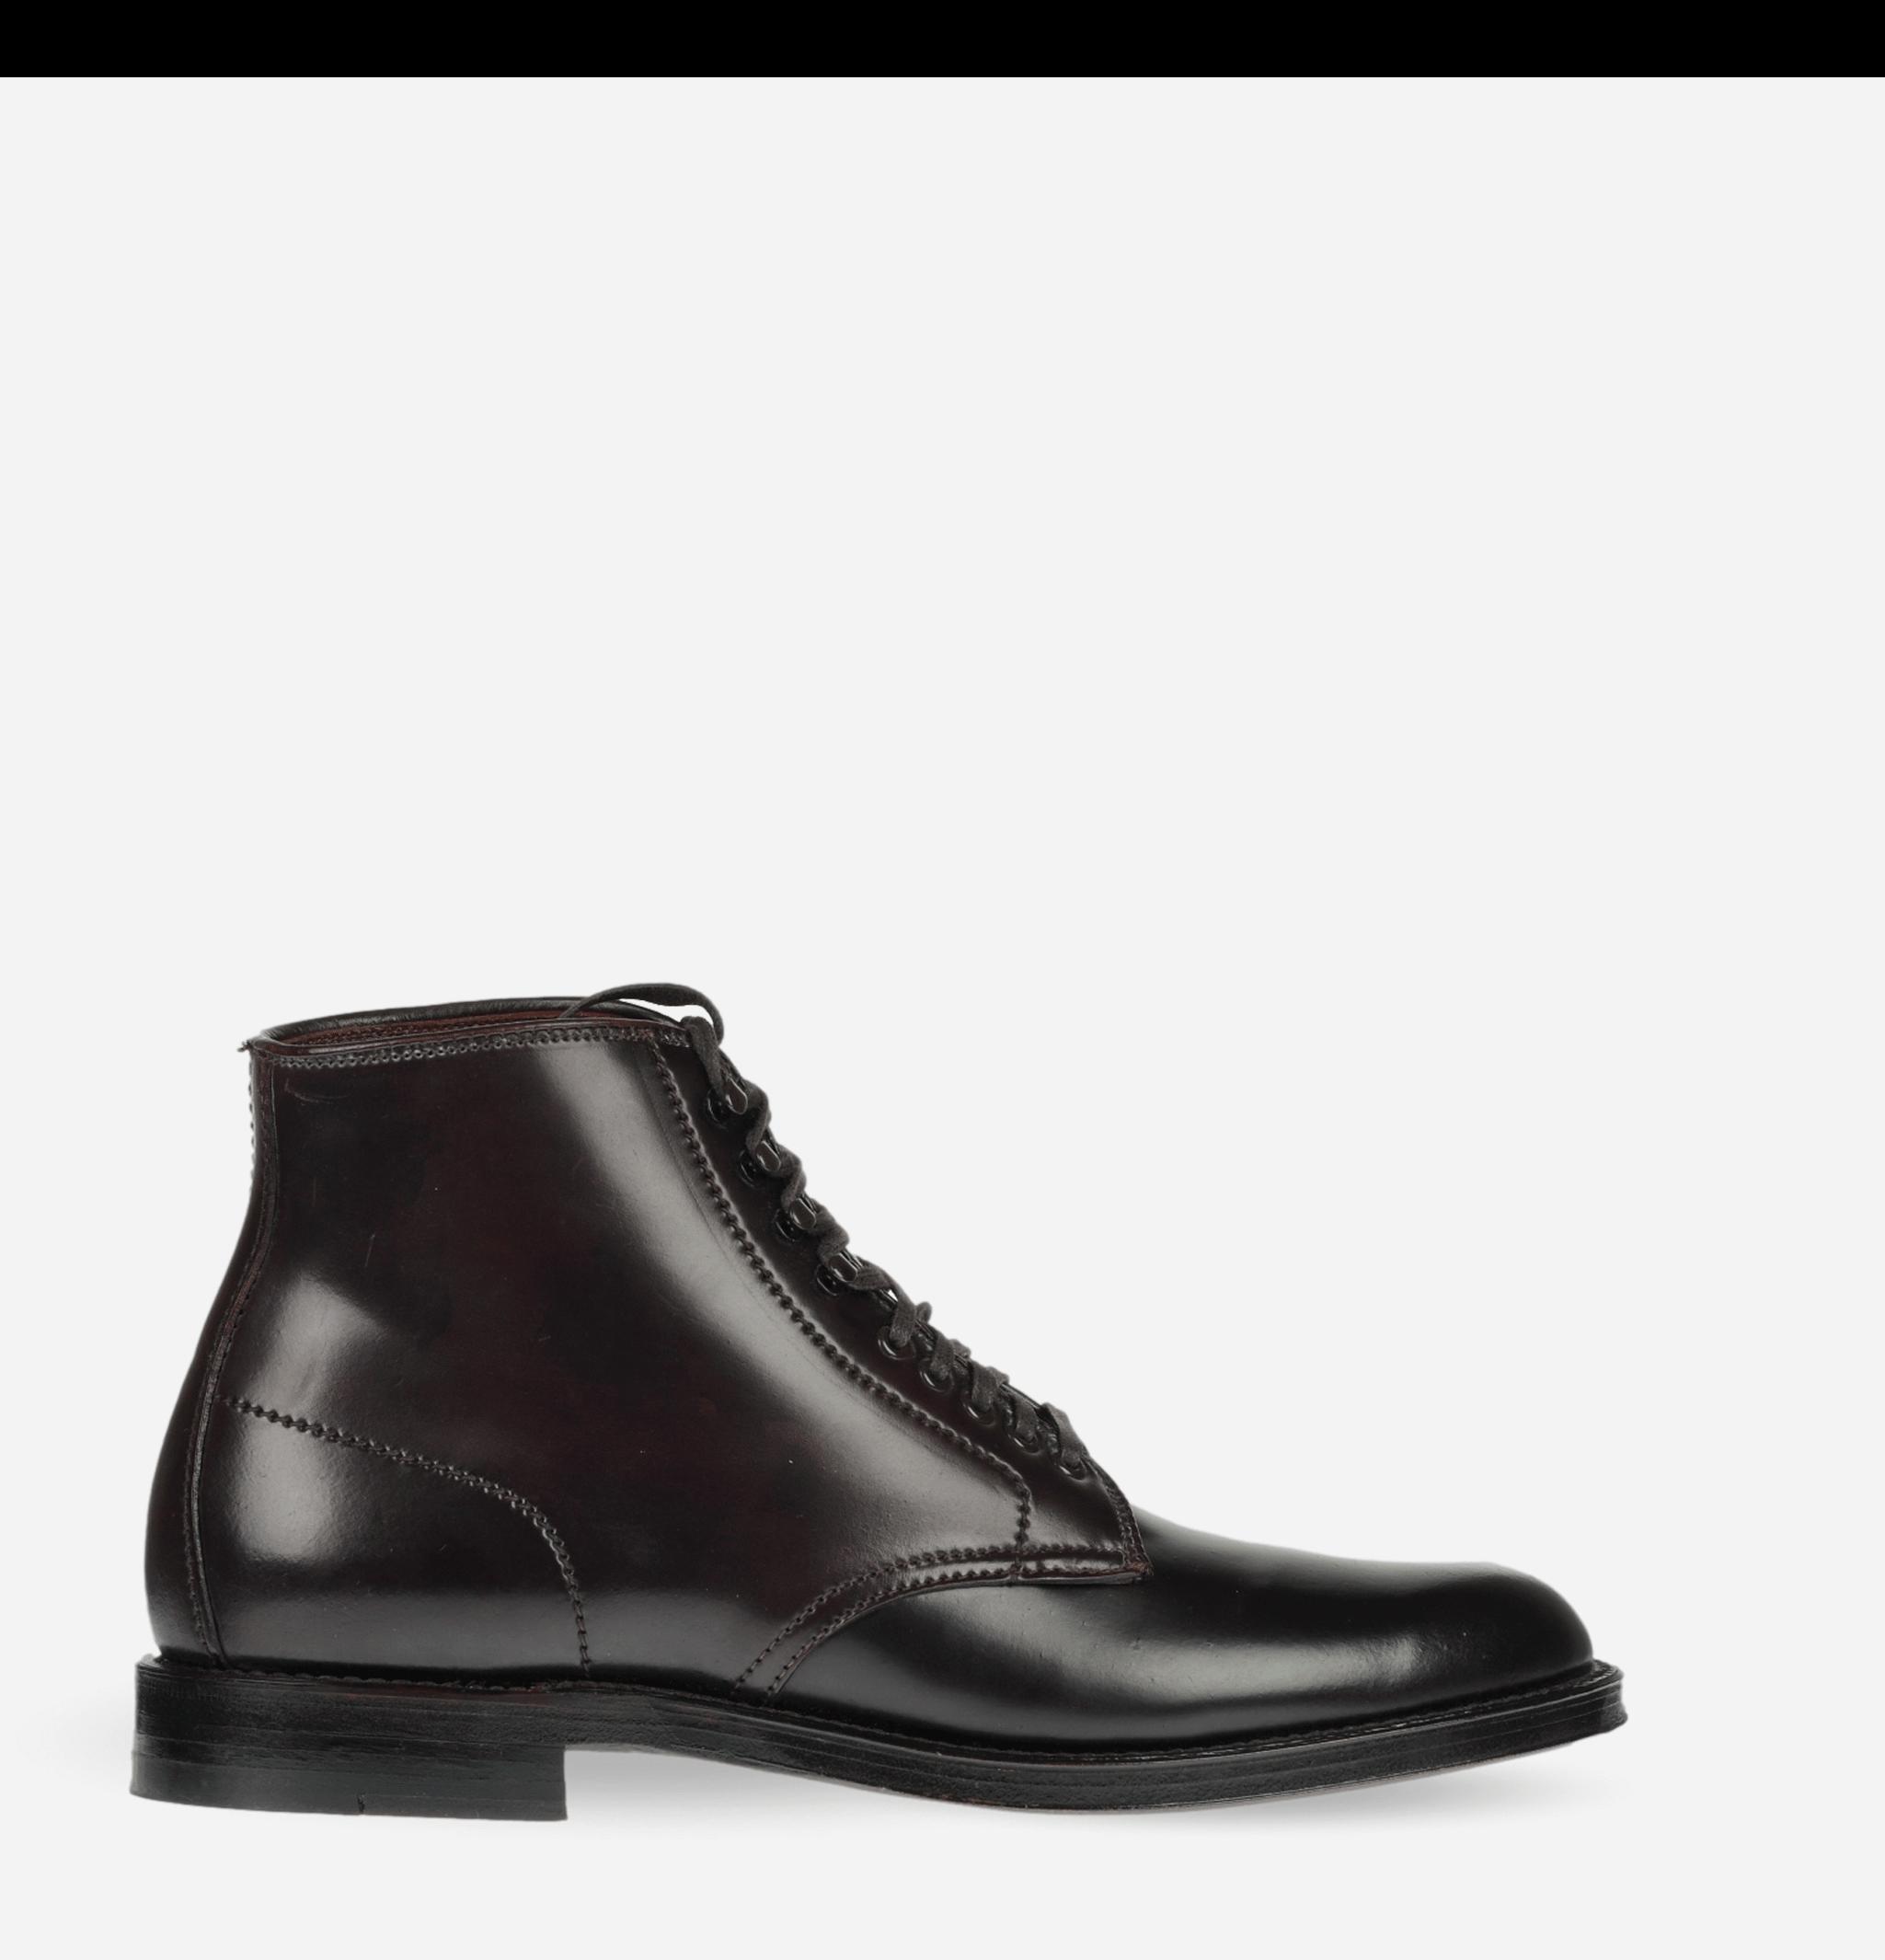 M9905H Boots Black